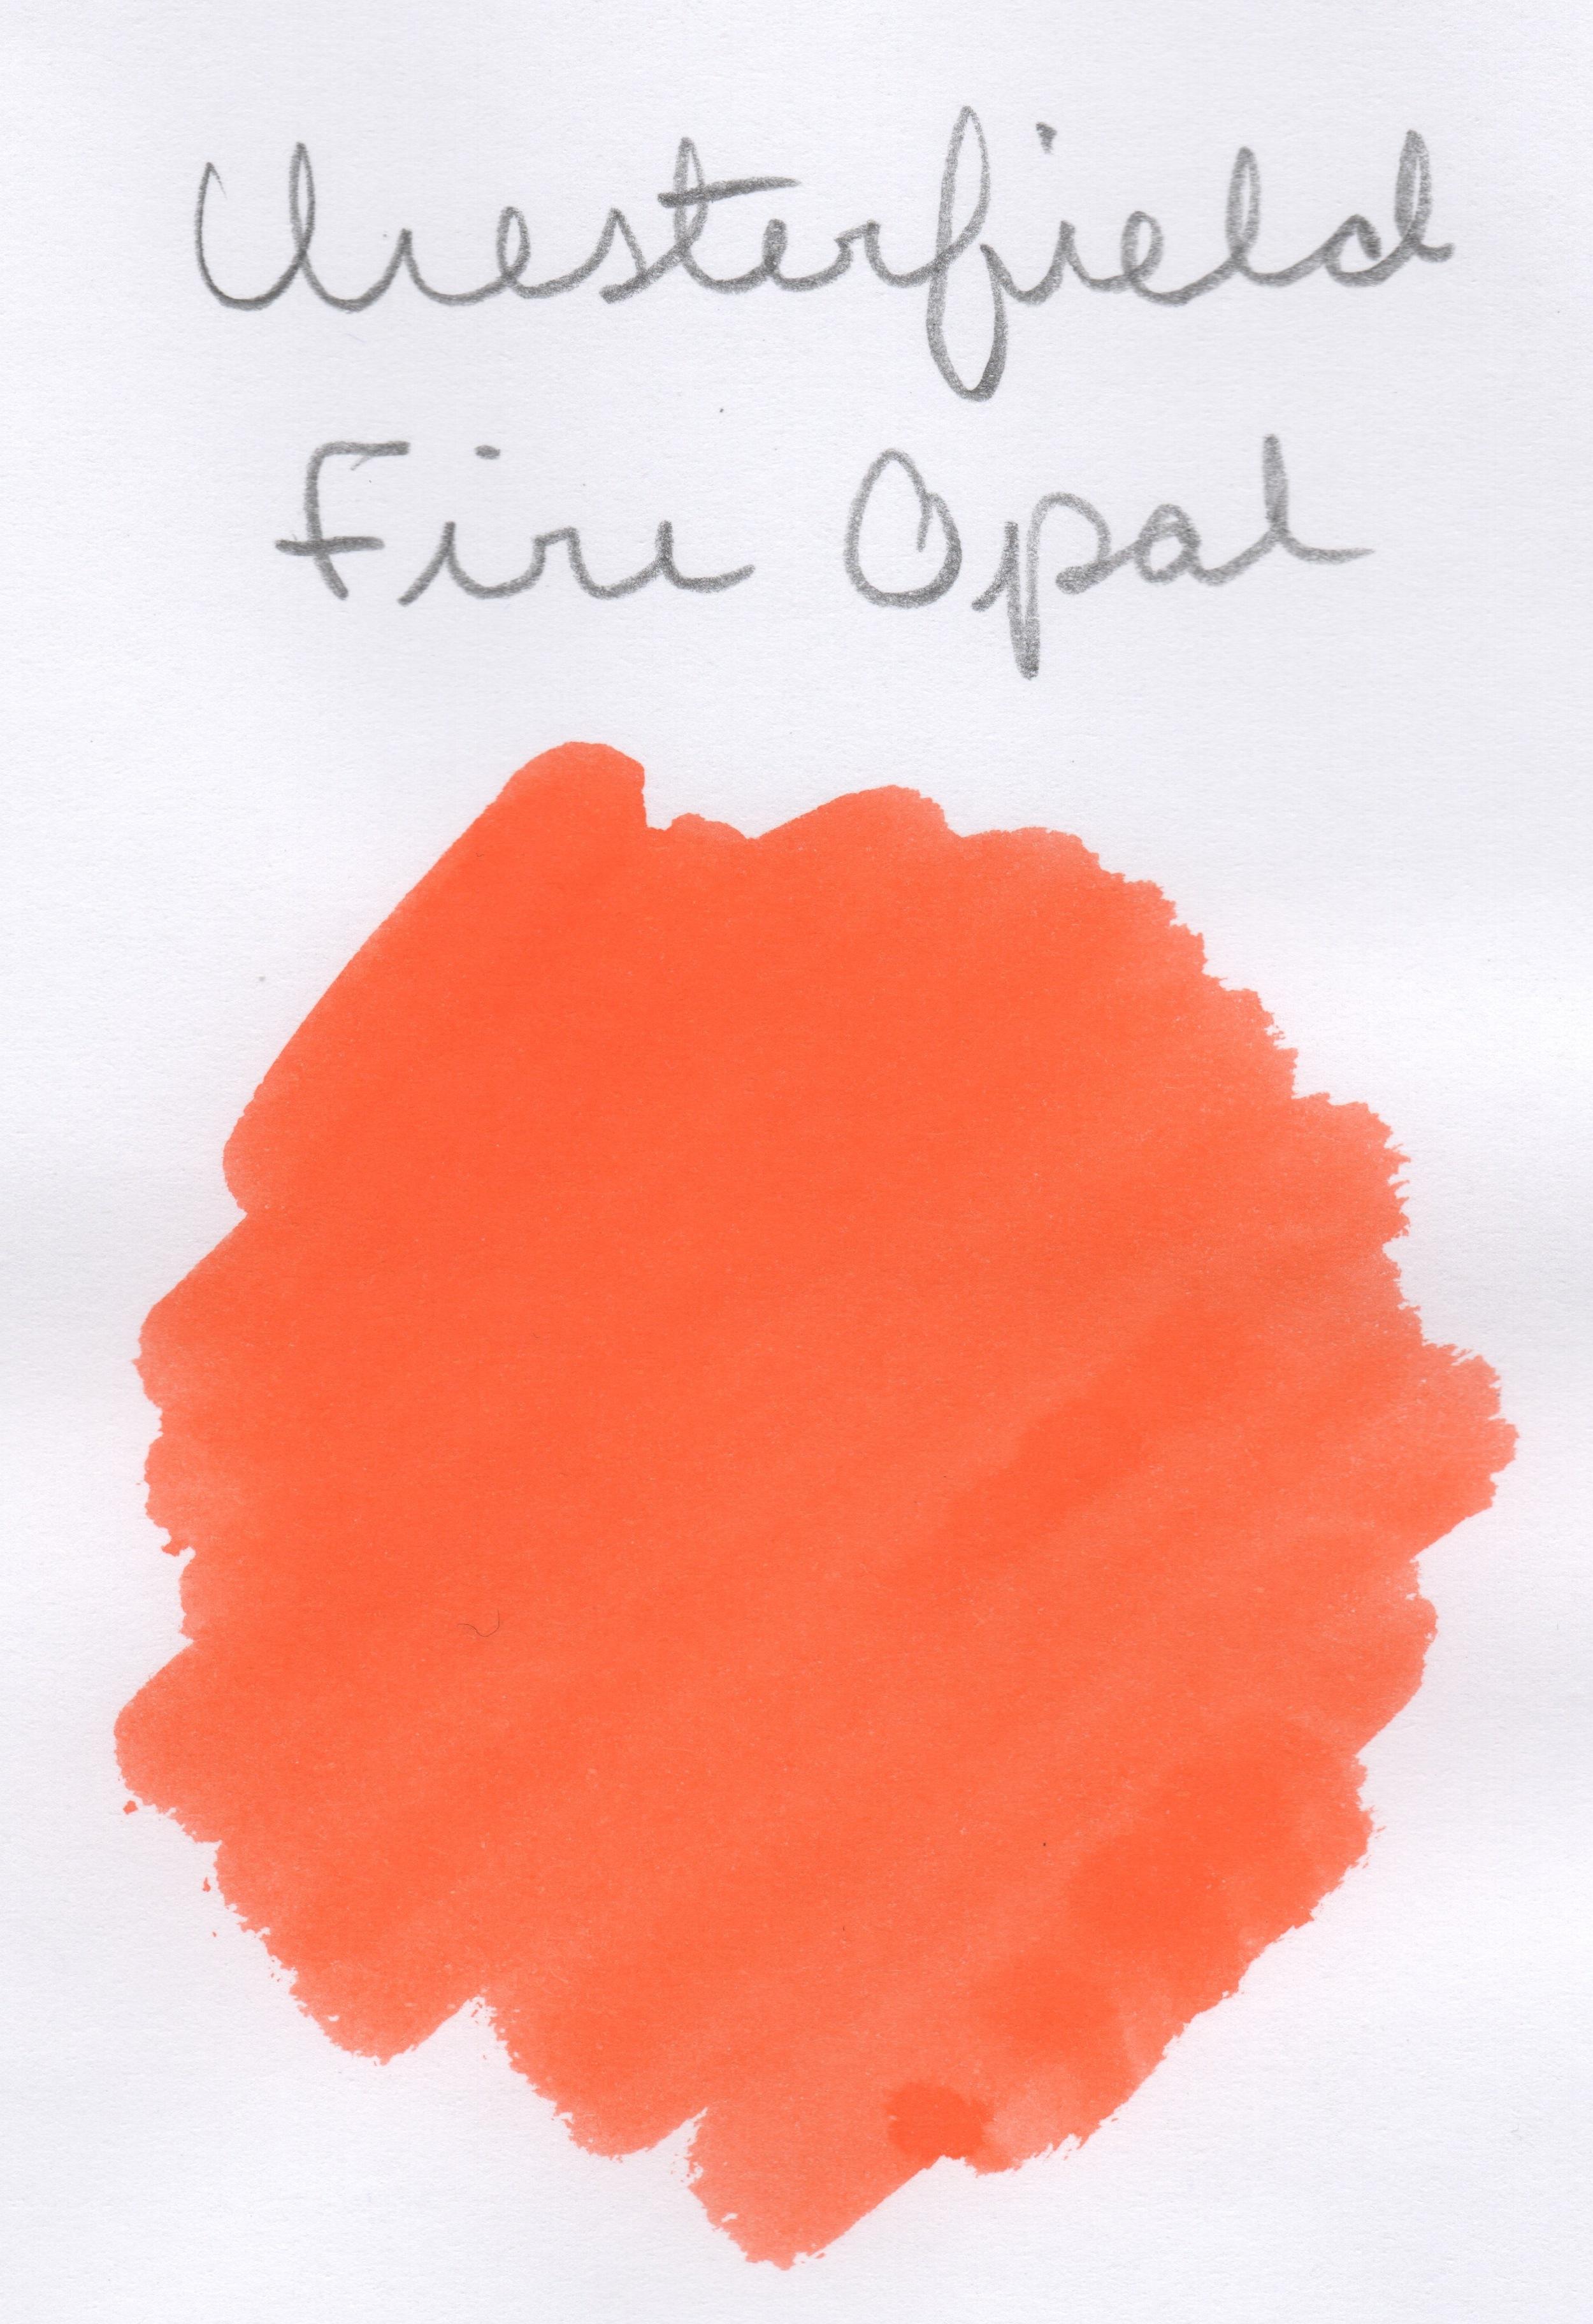 Chesterfield Fire Opal.jpeg